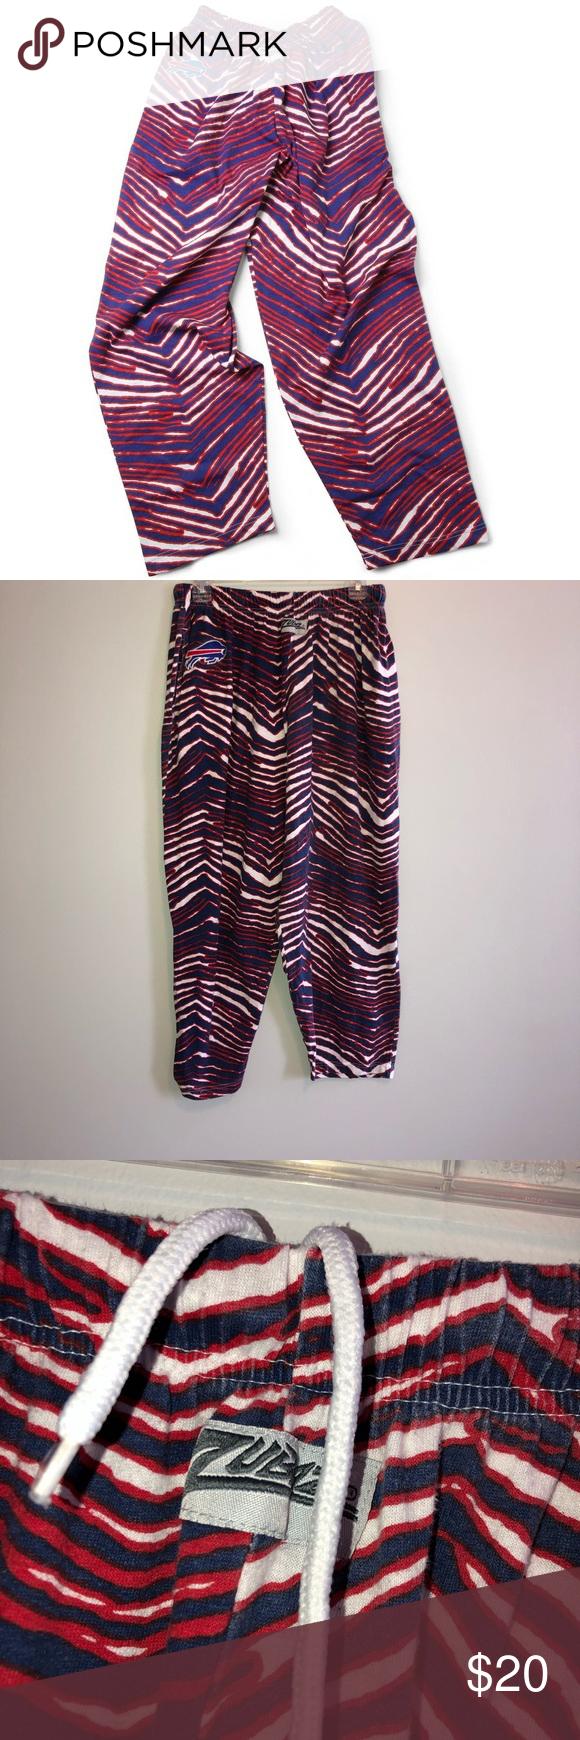 Buffalo Bills Zubaz Barely Worn Great Condition Size M L Nfl Pants Sweatpants Joggers Clothes Design Fashion Design Pants